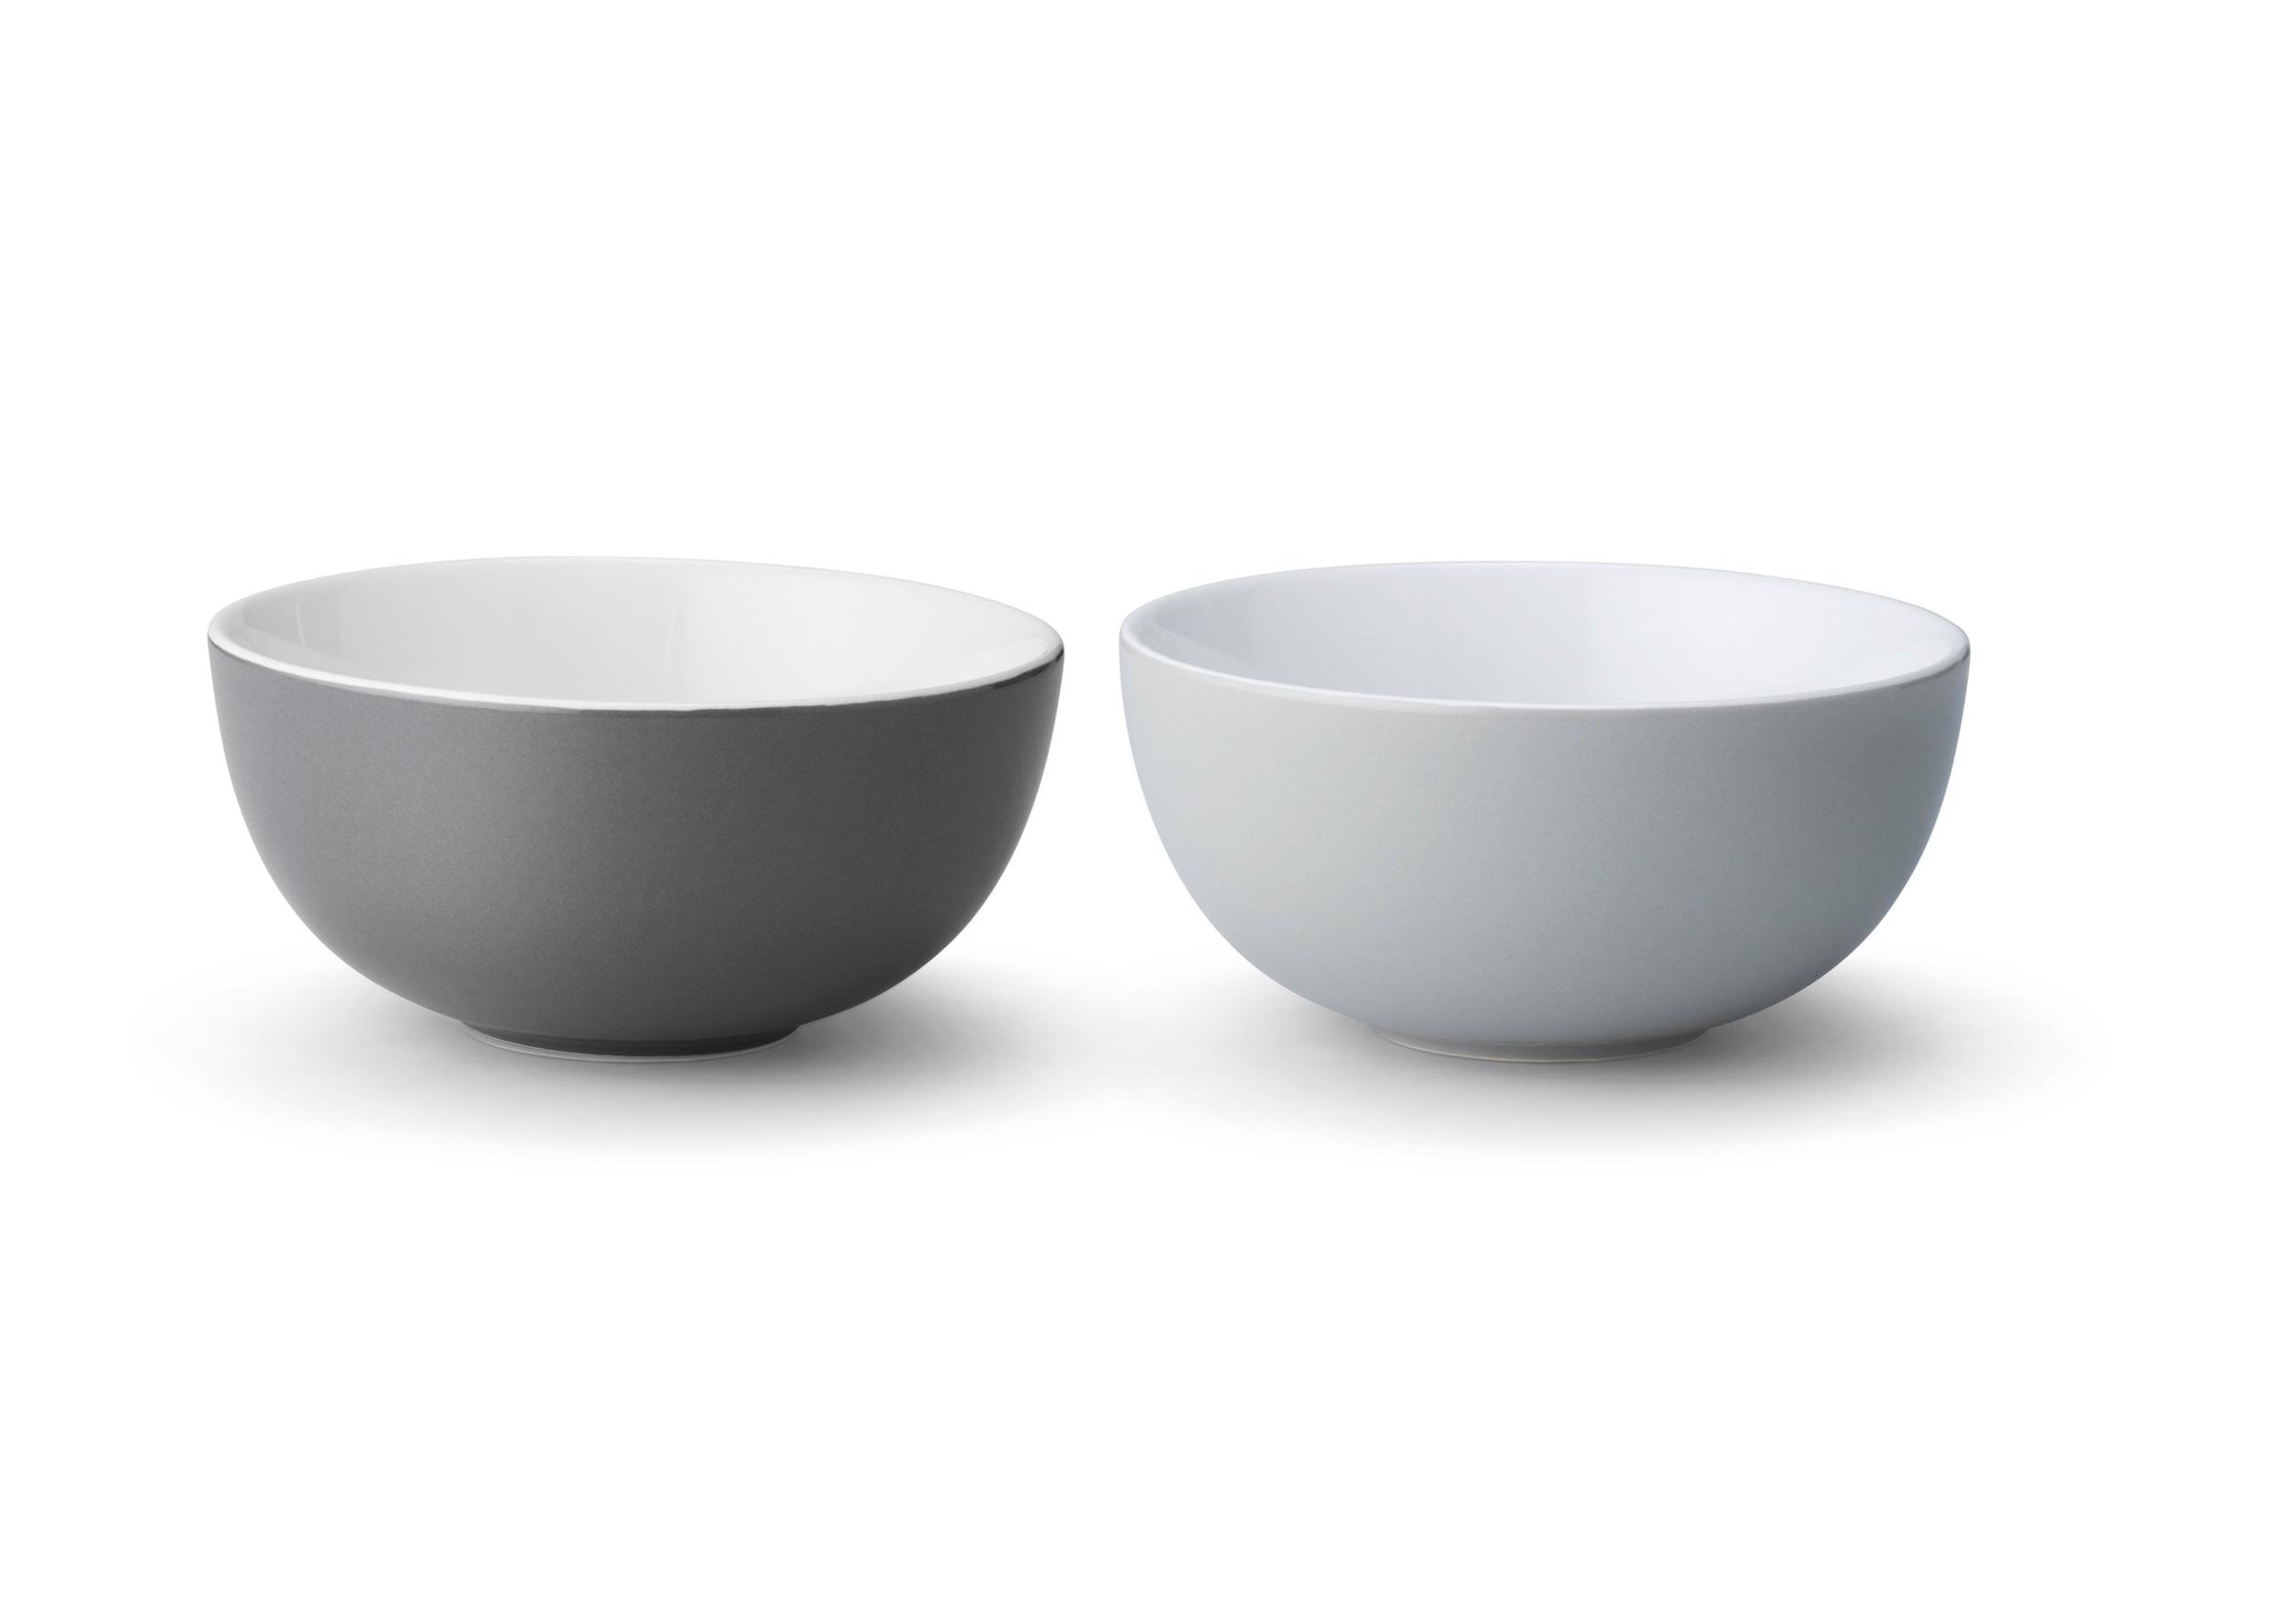 Набор чаш Emma  (2шт)Миски и чаши<br>Набор из 2х чаш Emma. Чаши Emma прекрасно подойдут для сервировки фруктов, станут идеальной посудой для подачи салата или сервировки завтрака. Допустимо мытье в посудомоечной машине. Разрешено использование в микроволновой печи.&amp;amp;nbsp;<br><br>Material: Керамика<br>Length см: None<br>Width см: None<br>Height см: 7<br>Diameter см: 14